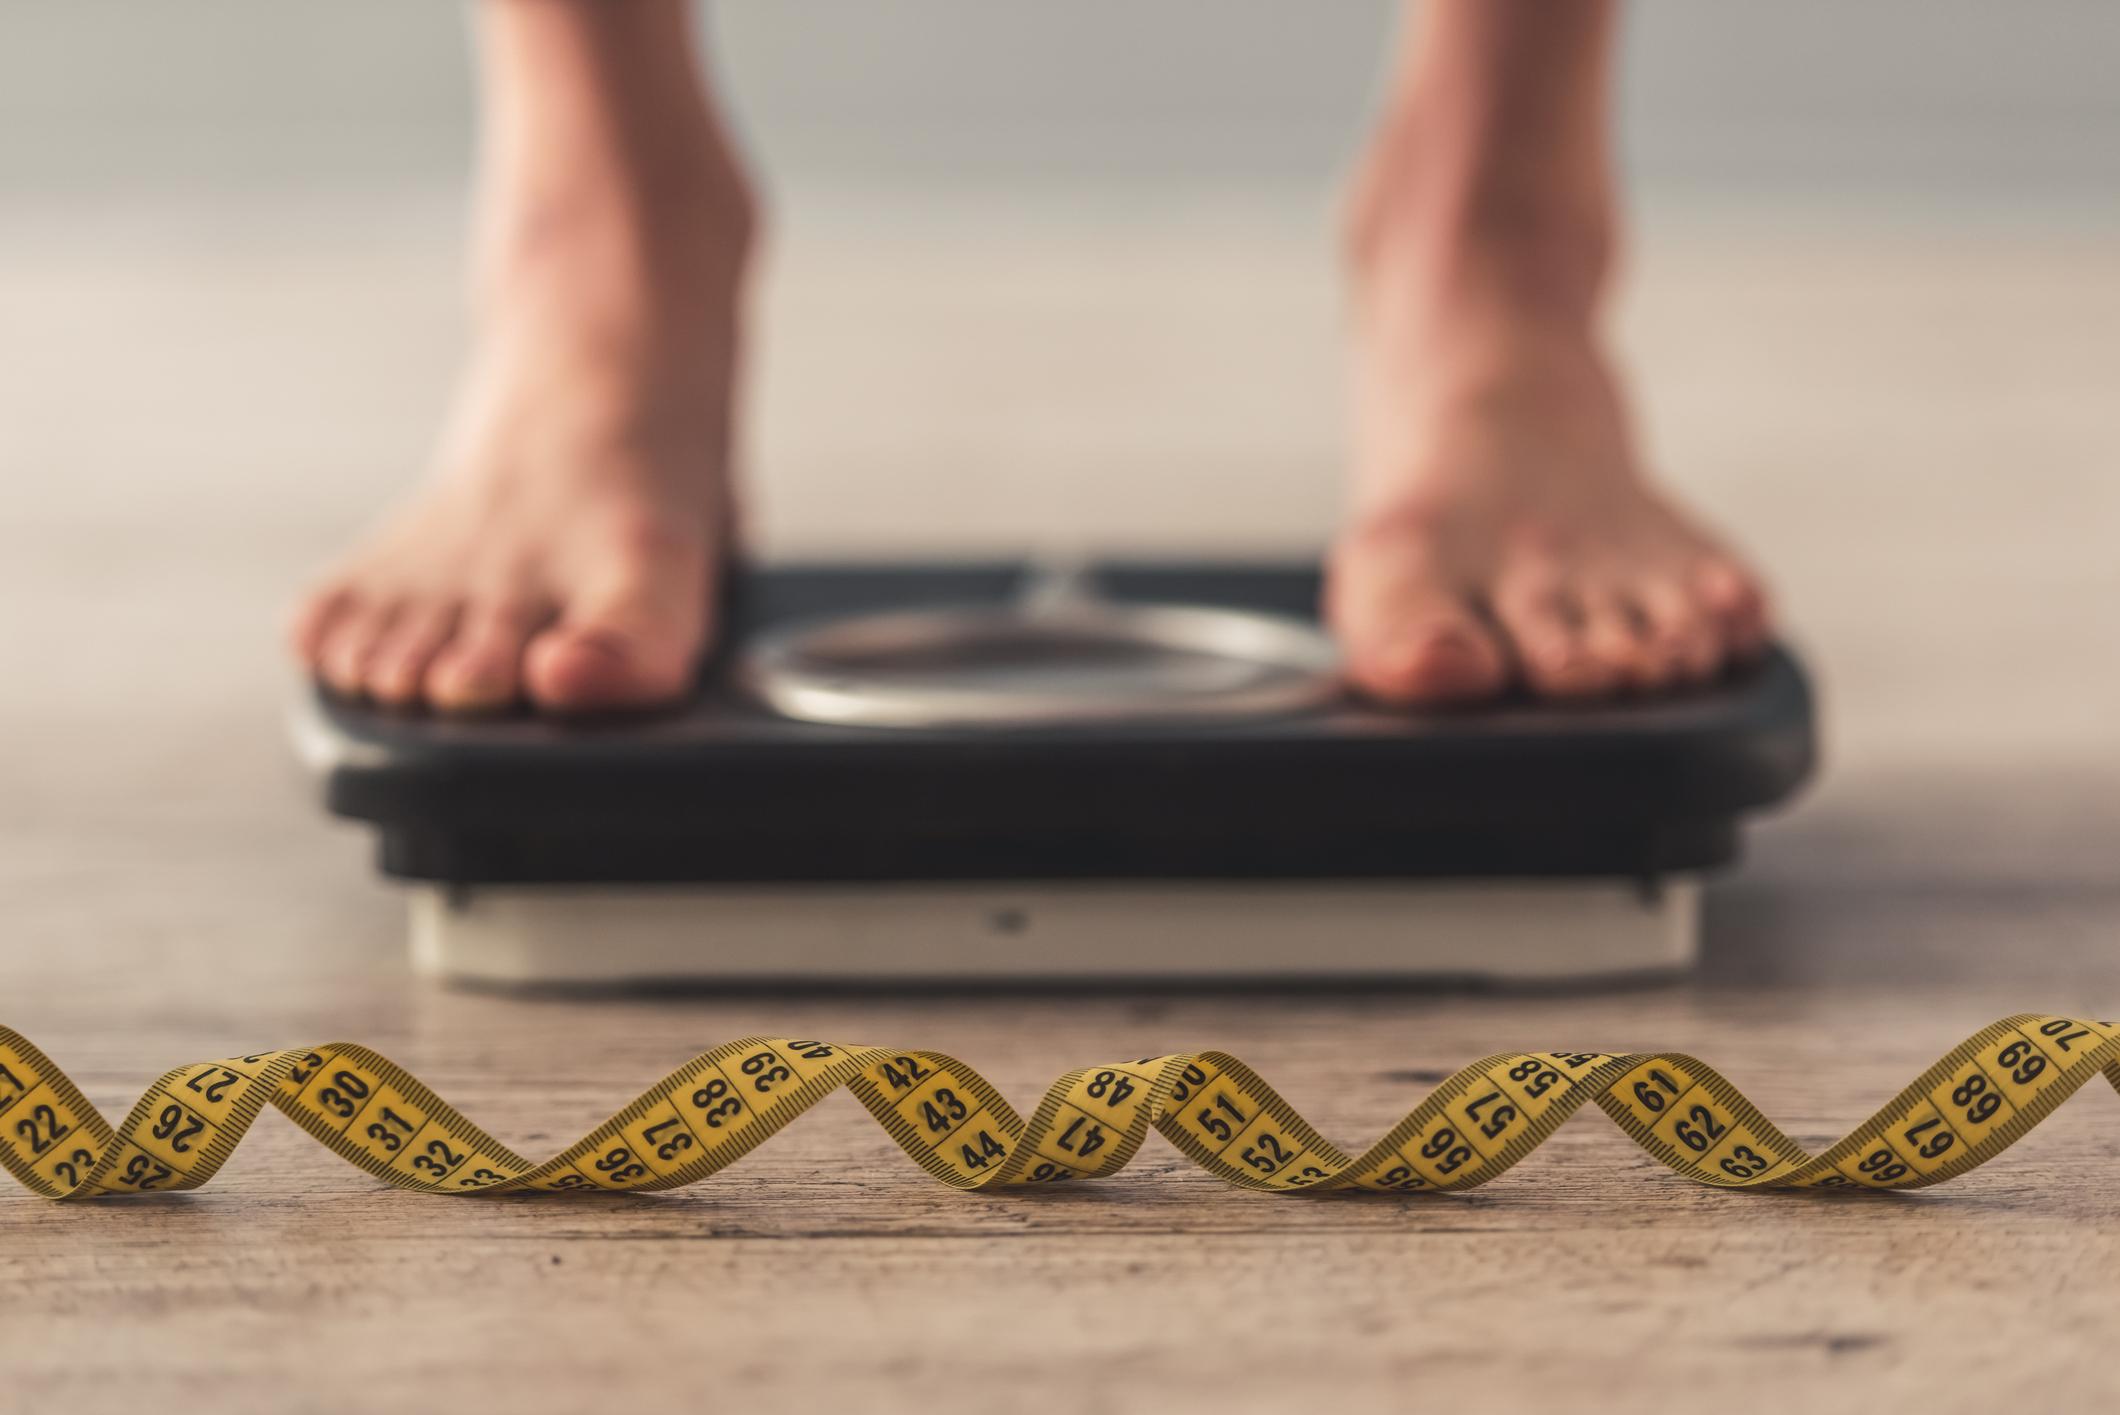 cel mai bun mod de a pierde în greutate în interior